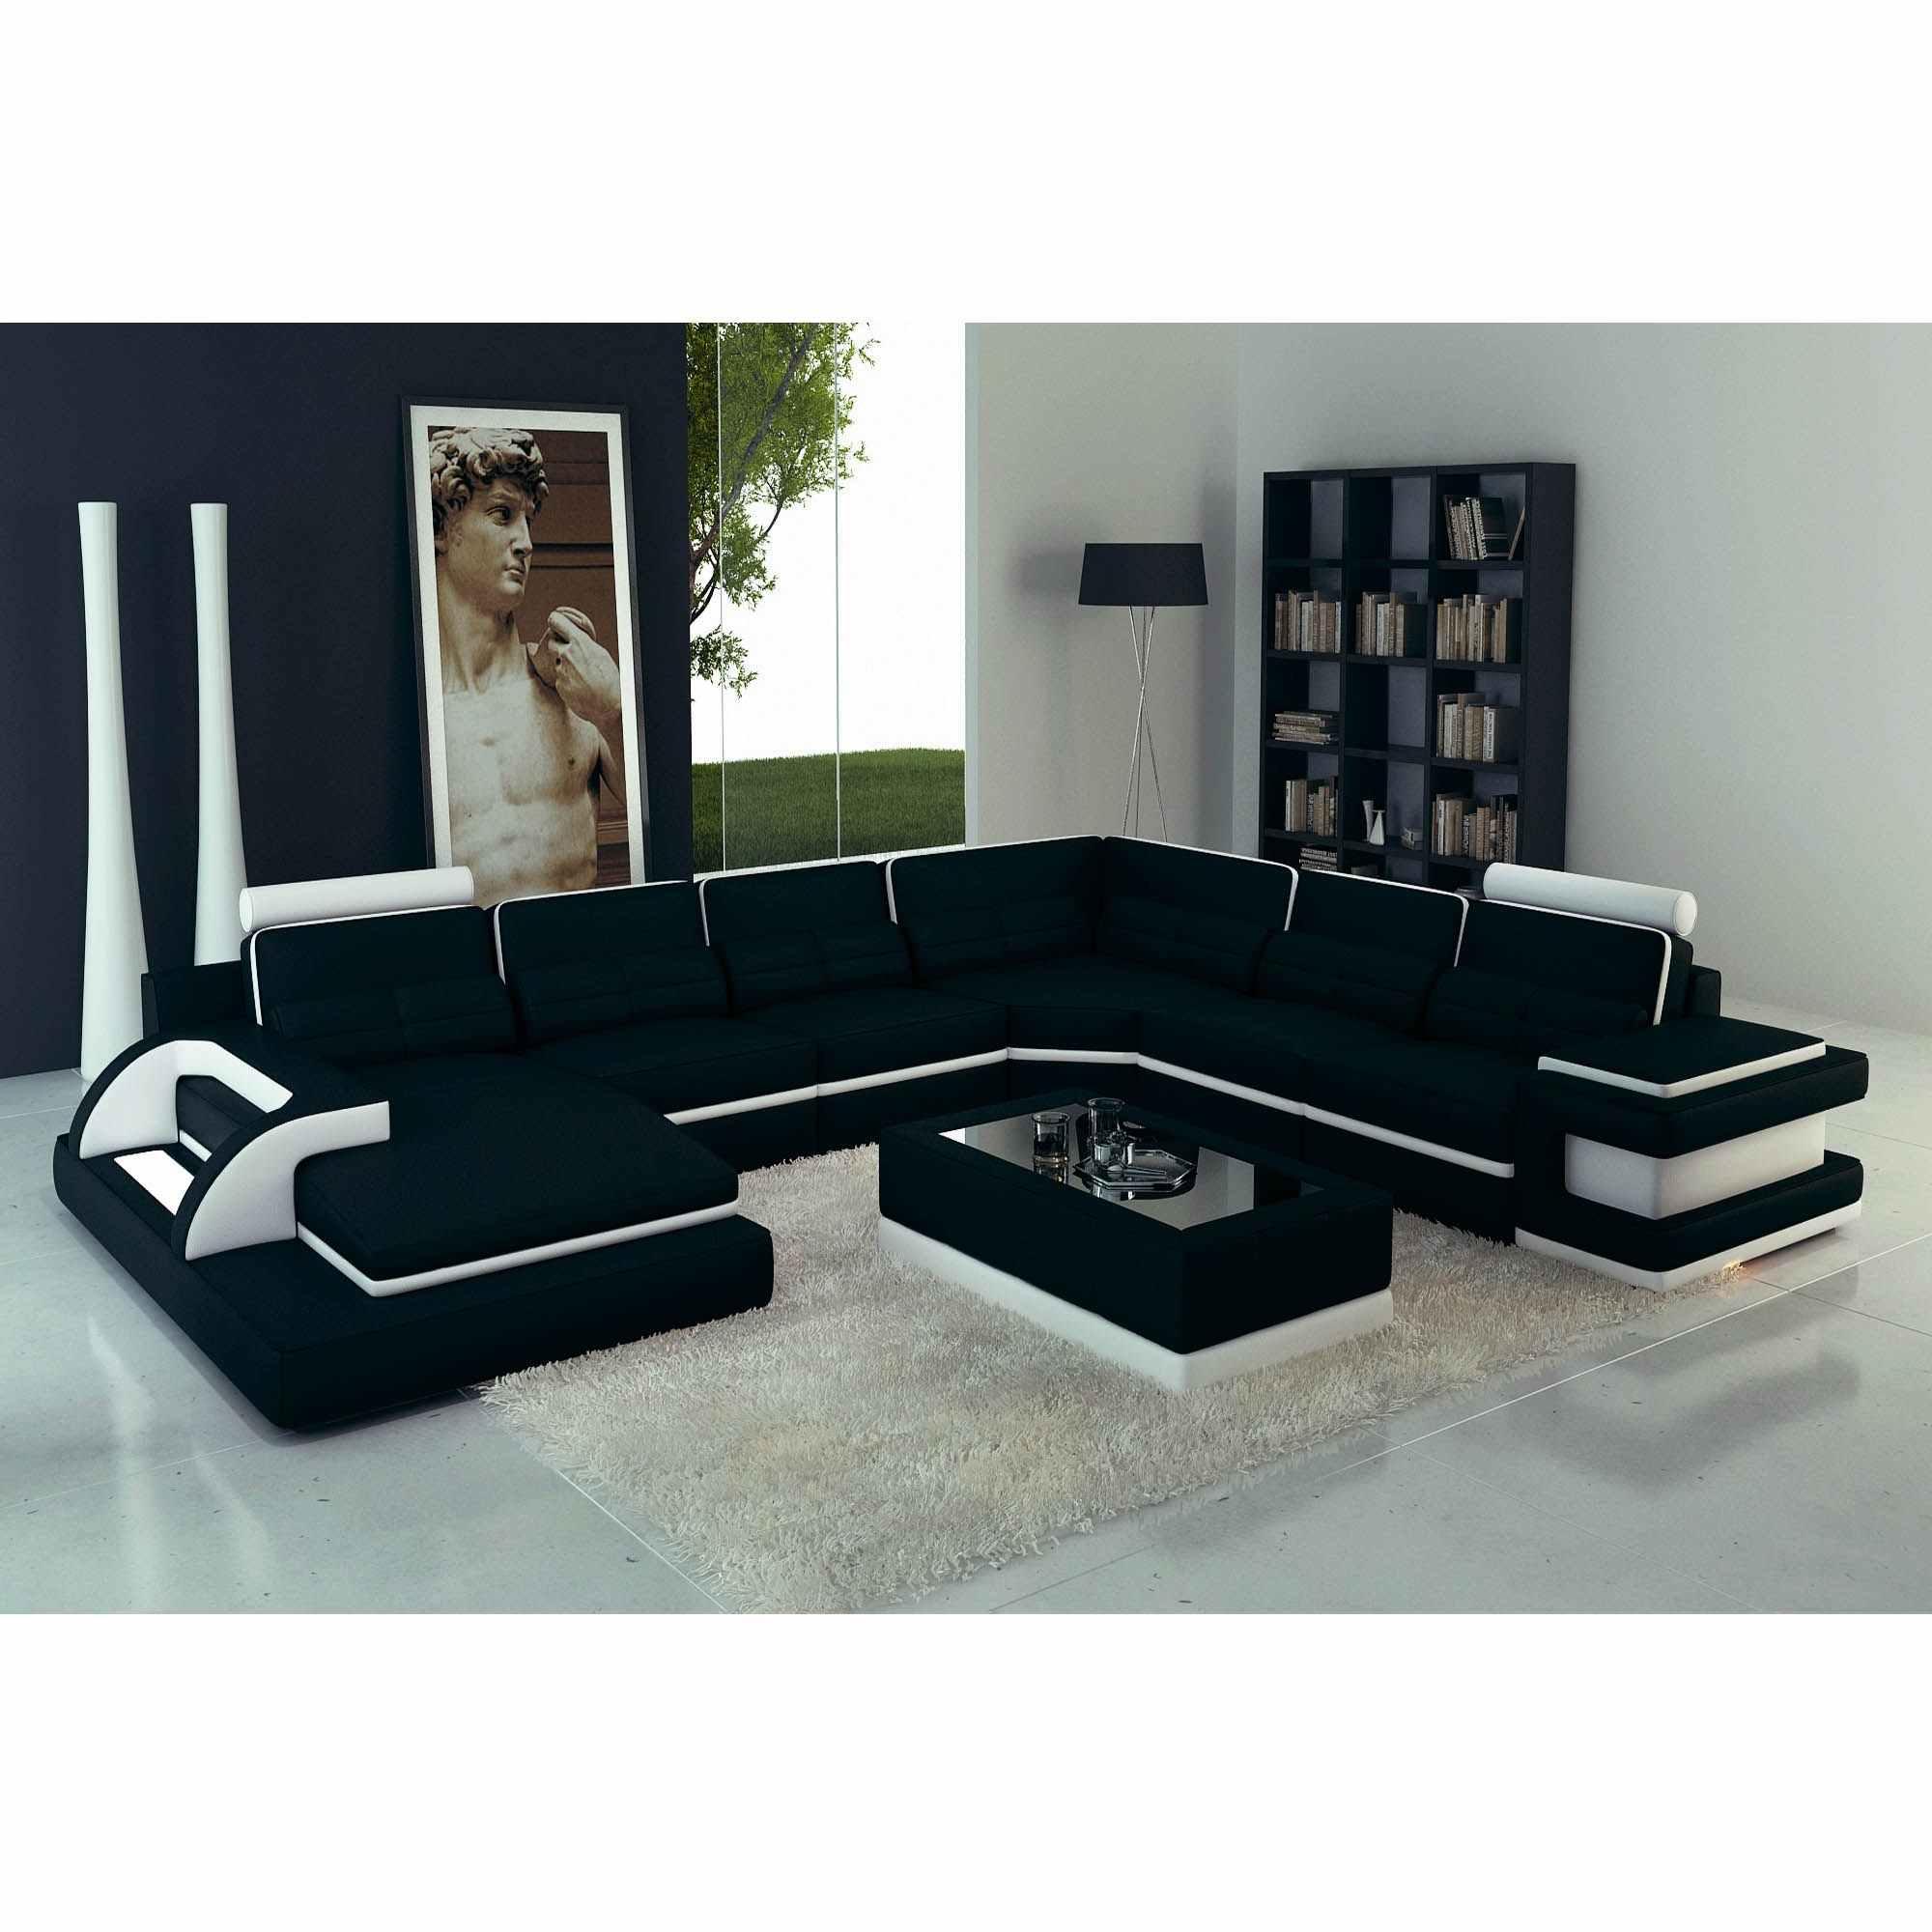 Canapé Panoramique Cuir Noir Et Blanc Design Avec Lumière Ibiza Panoramique  (Angle Gauche) à Canape Convertible Noir Et Blanc